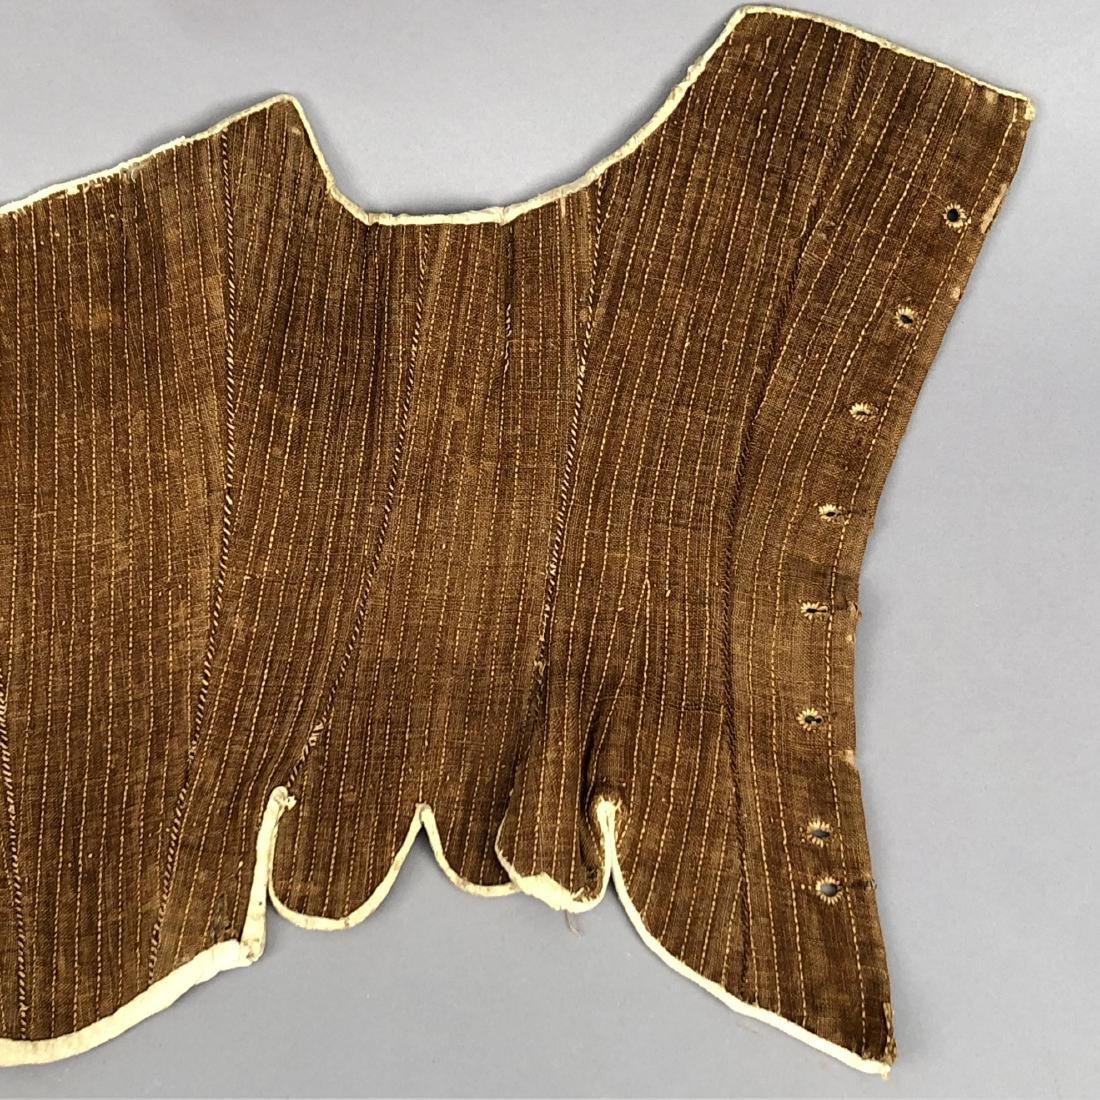 AMERICAN BROWN LINEN CORSET, 1780 - 2